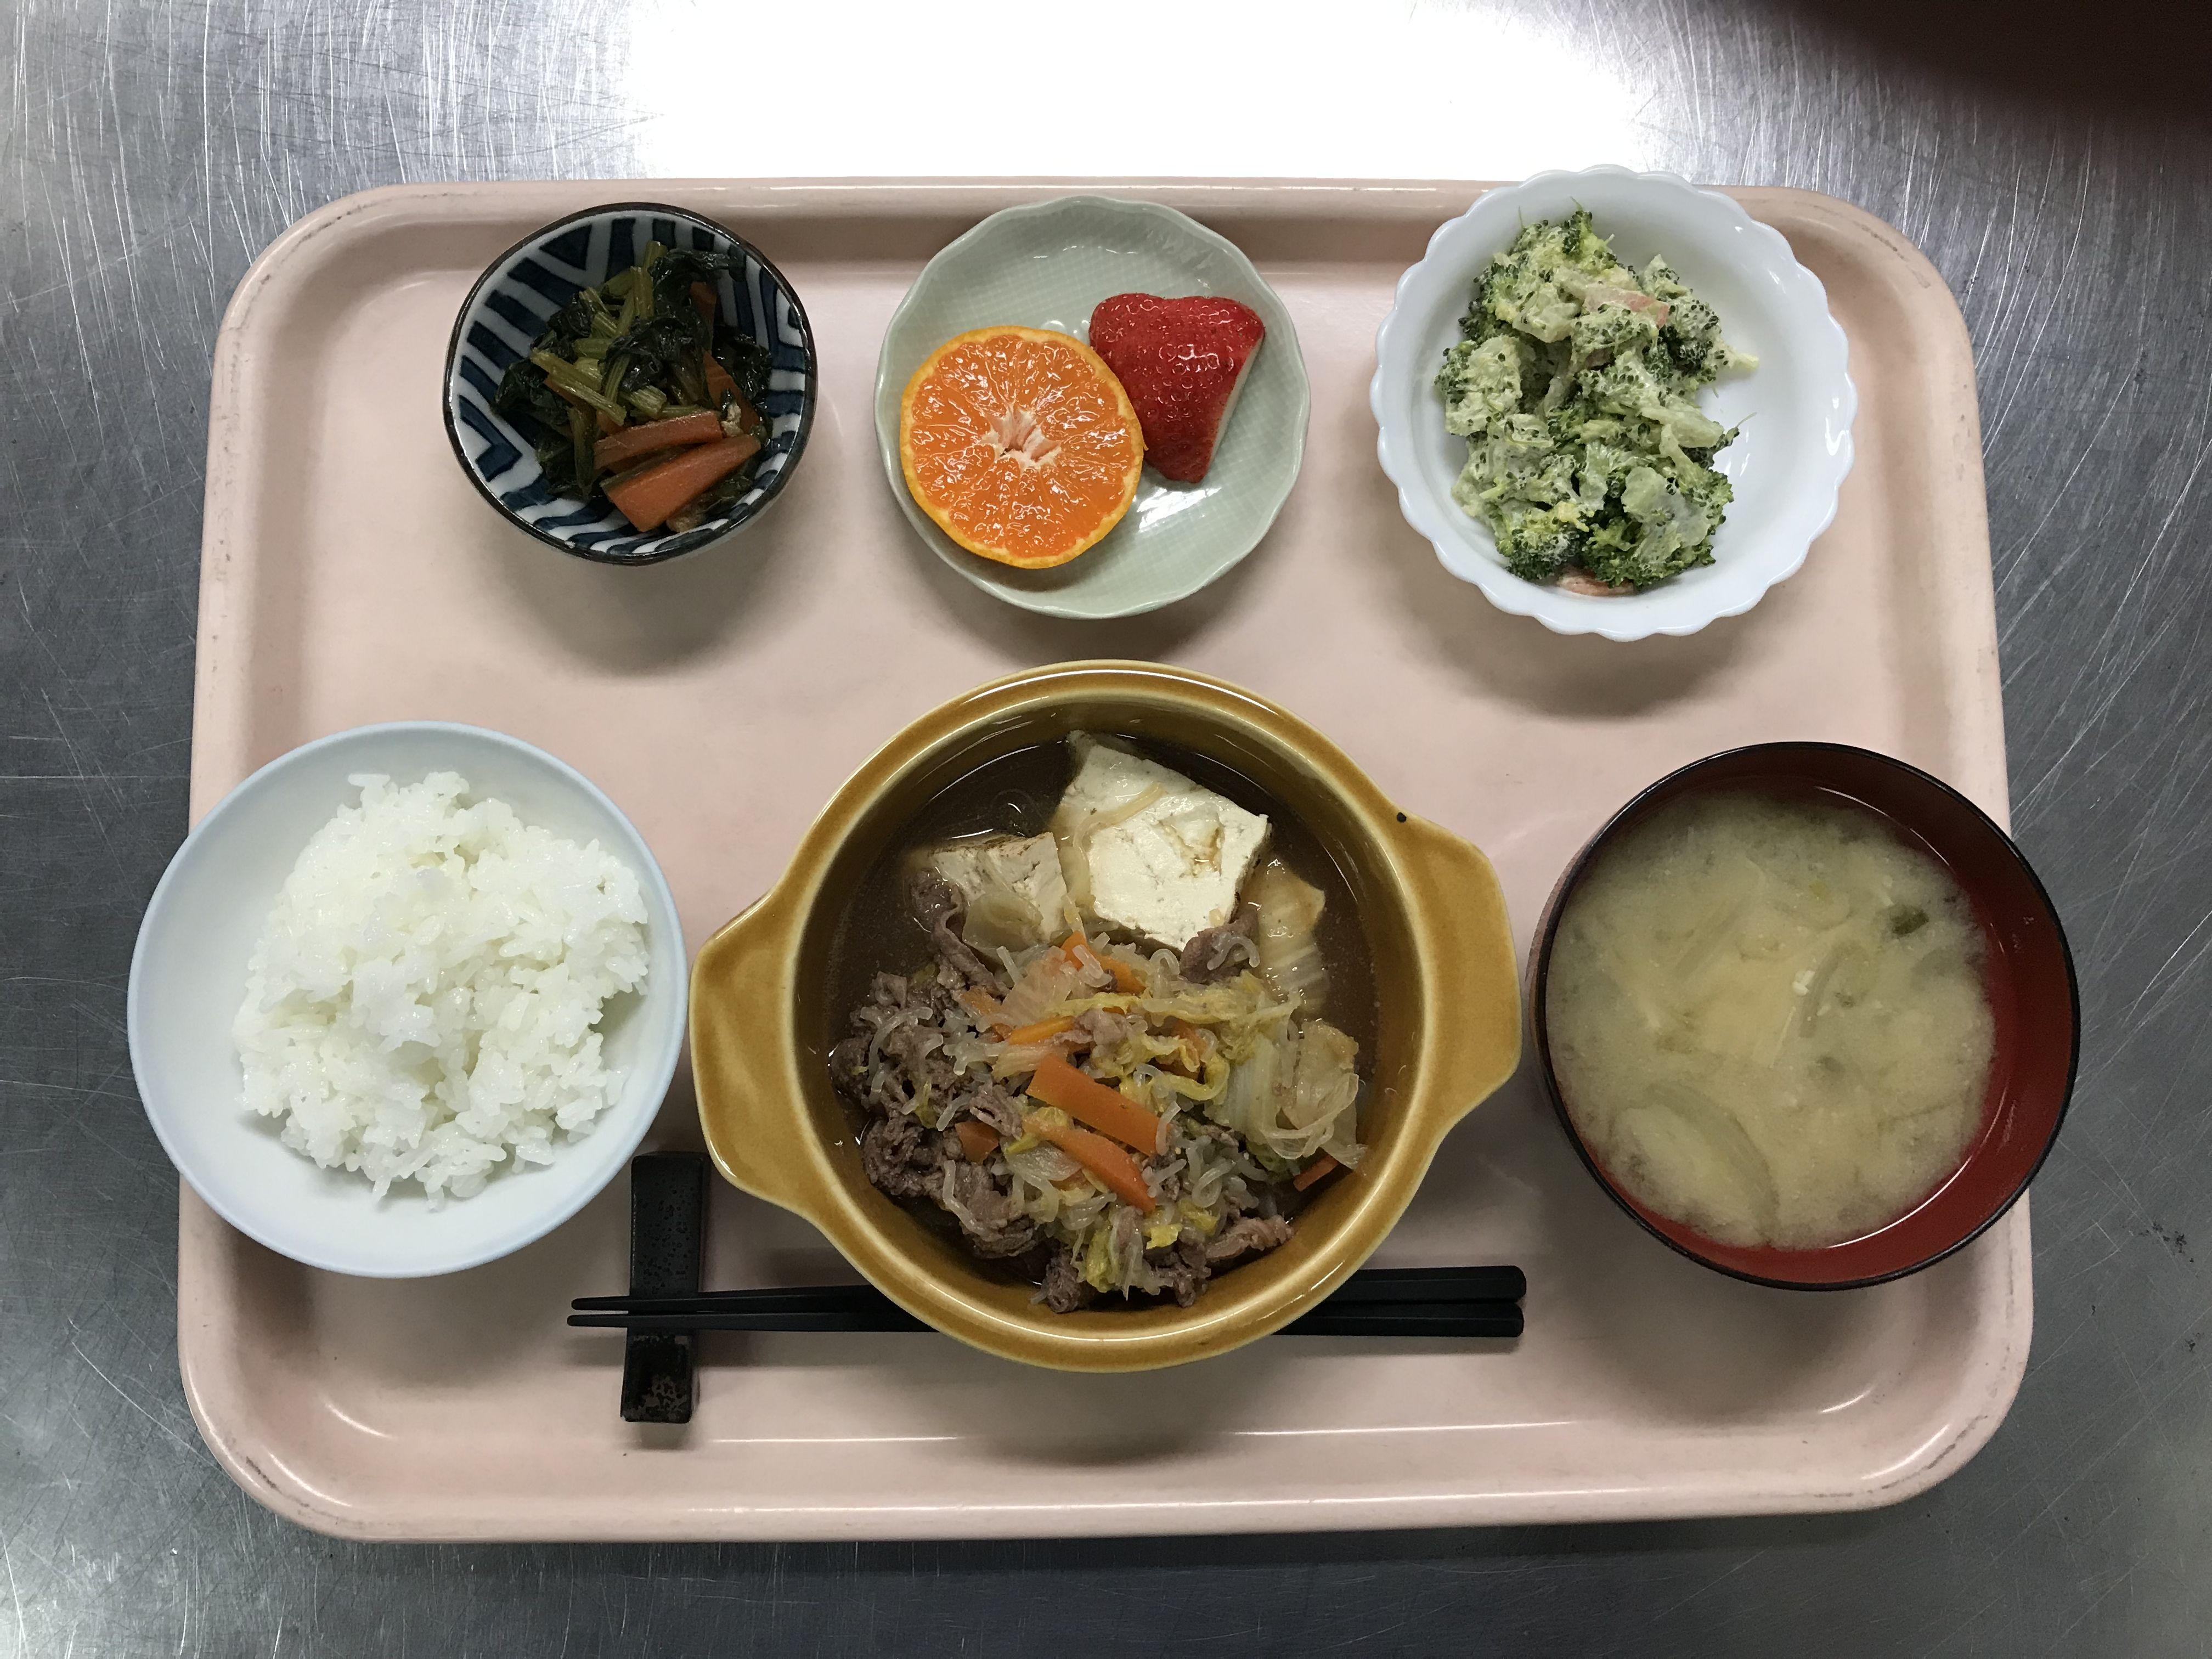 2月8日。肉豆腐、菜焼き、ブロッコリーのごまマヨネーズ、えのきと揚げの味噌汁、みかんでした!肉豆腐が特に美味しかったです!603カロリーです